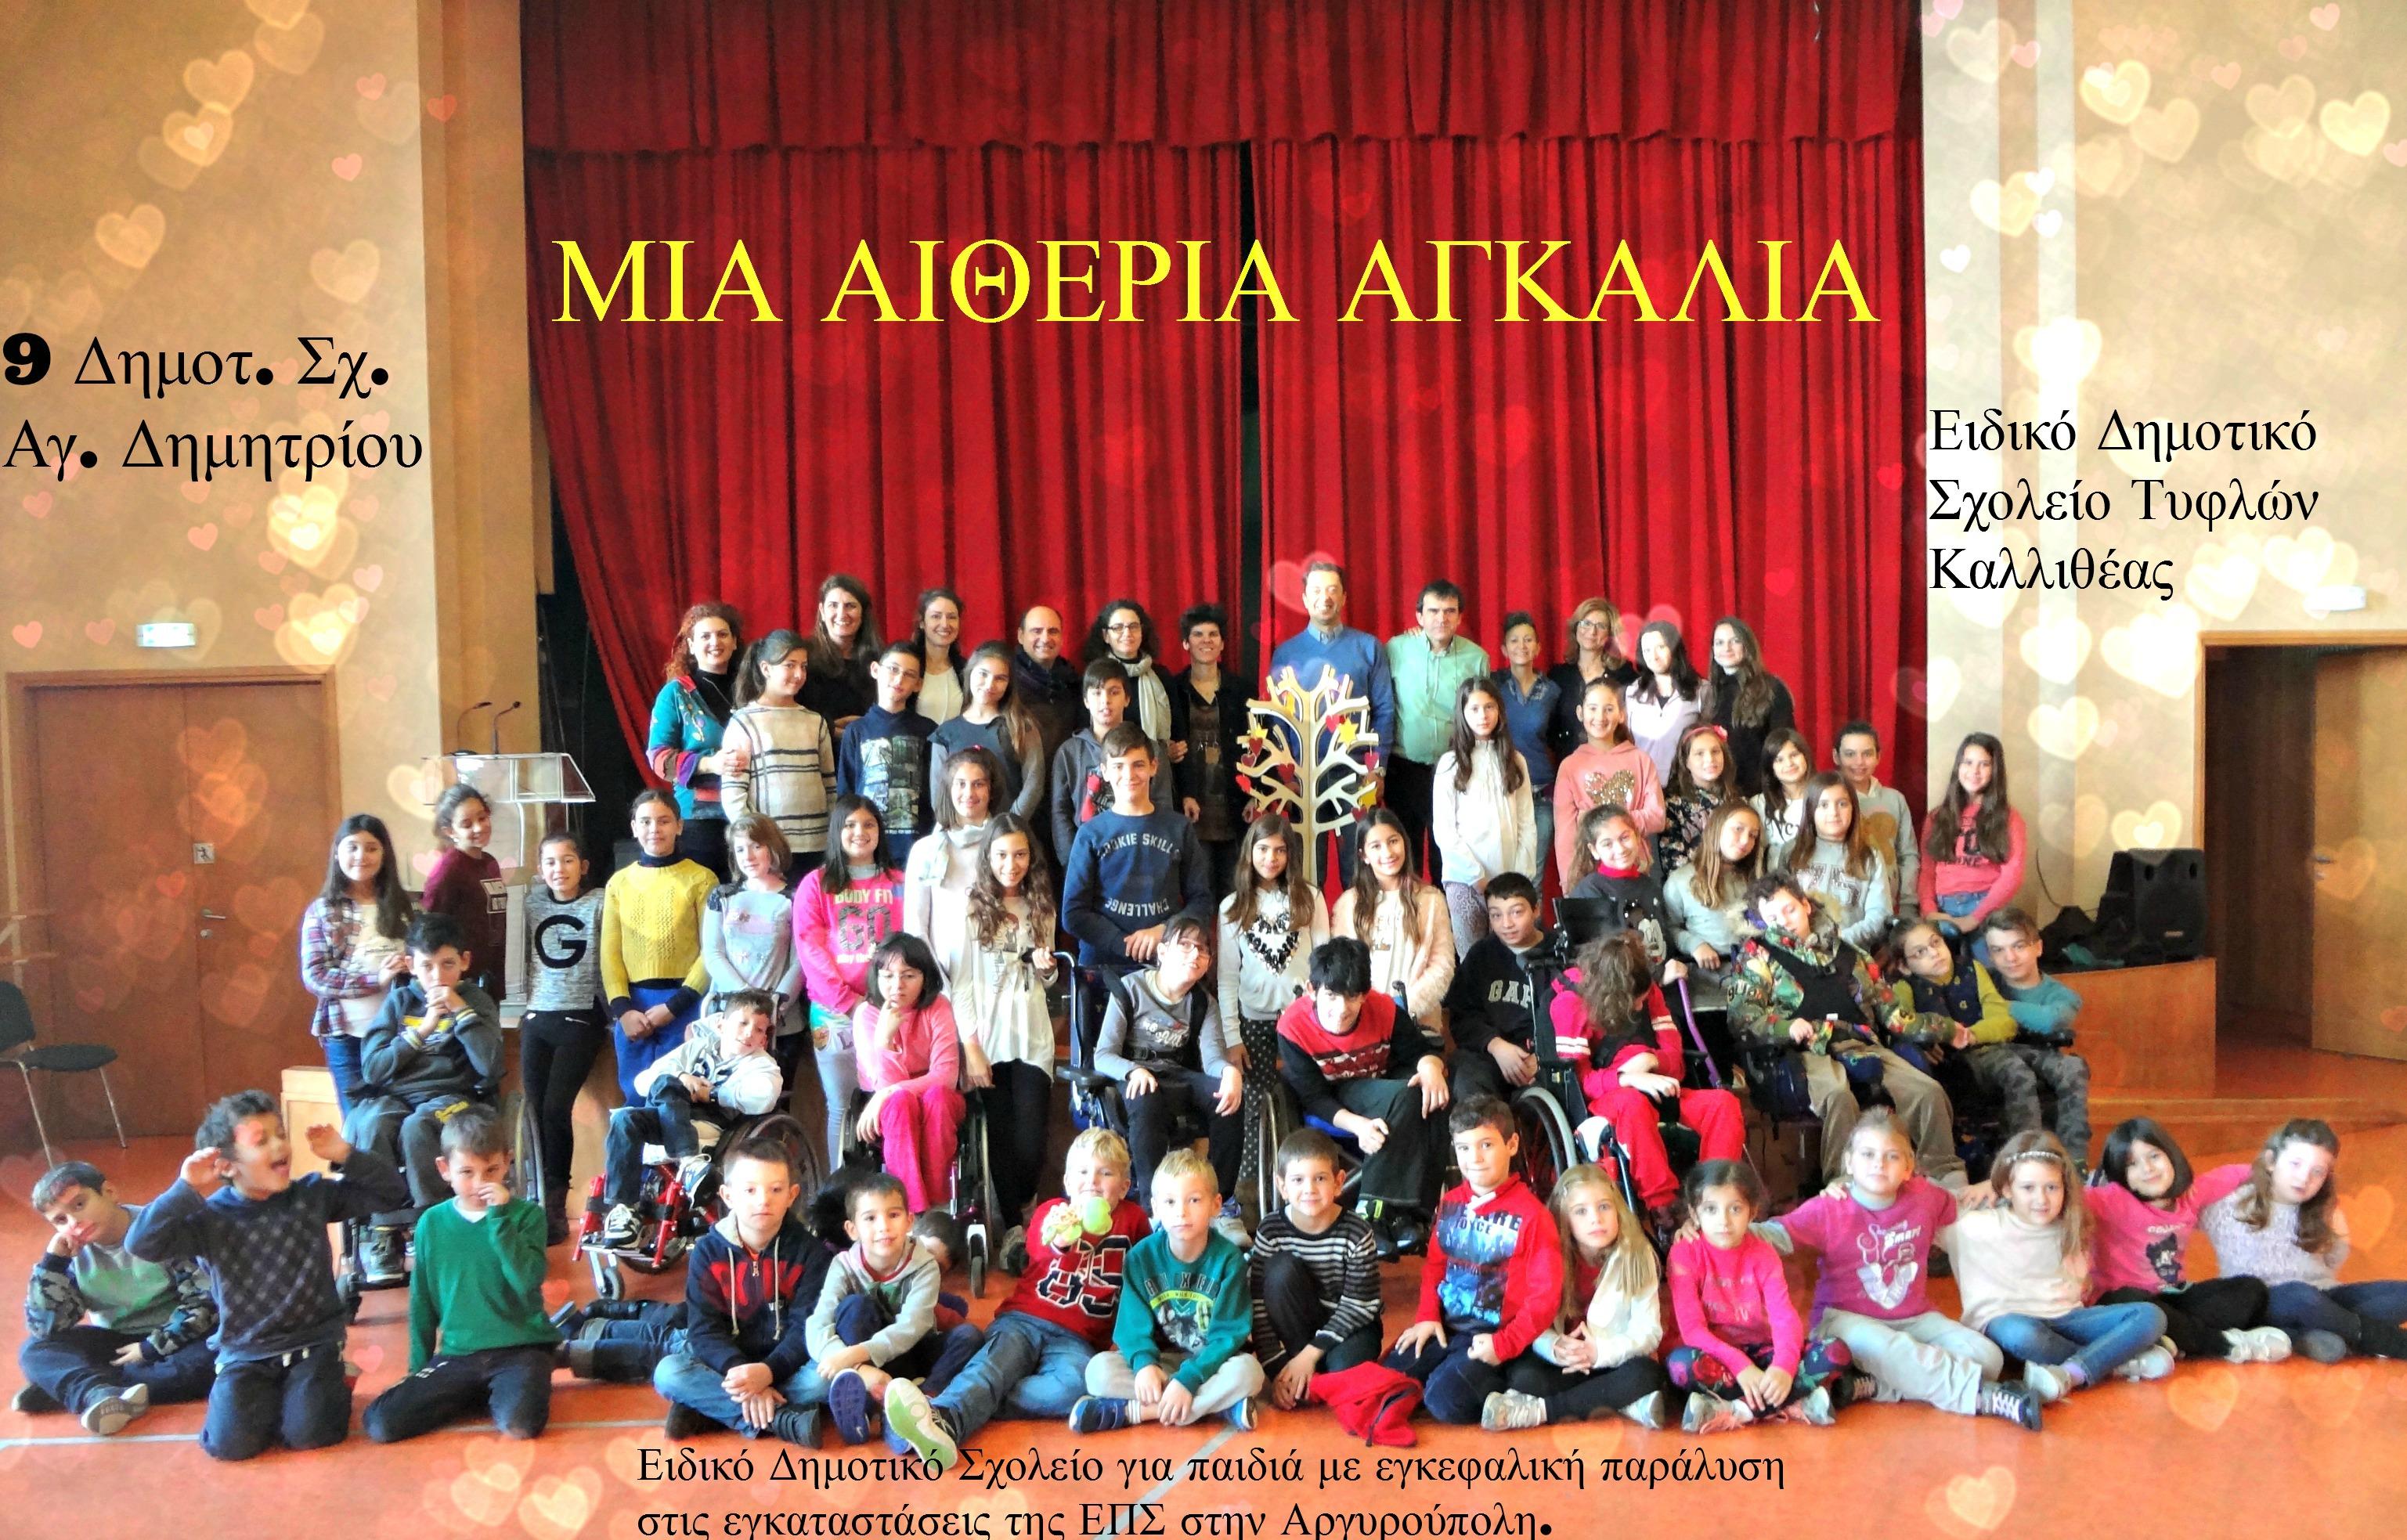 """Ακούστε το τραγούδι """"ΜΙΑ ΑΙΘΕΡΙΑ ΑΓΚΑΛΙΑ"""" από το 9ο Δημ. Σχ. Αγίου Δημητρίου,  το Ειδικό Δημοτικό Σχολείο Τυφλών Καλλιθέας και το Ειδικό Δημοτικό Σχολείο για παιδιά με εγκεφαλική παράλυση στις εγκαταστάσεις της ΕΠΣ στην Αργυρούπολη"""